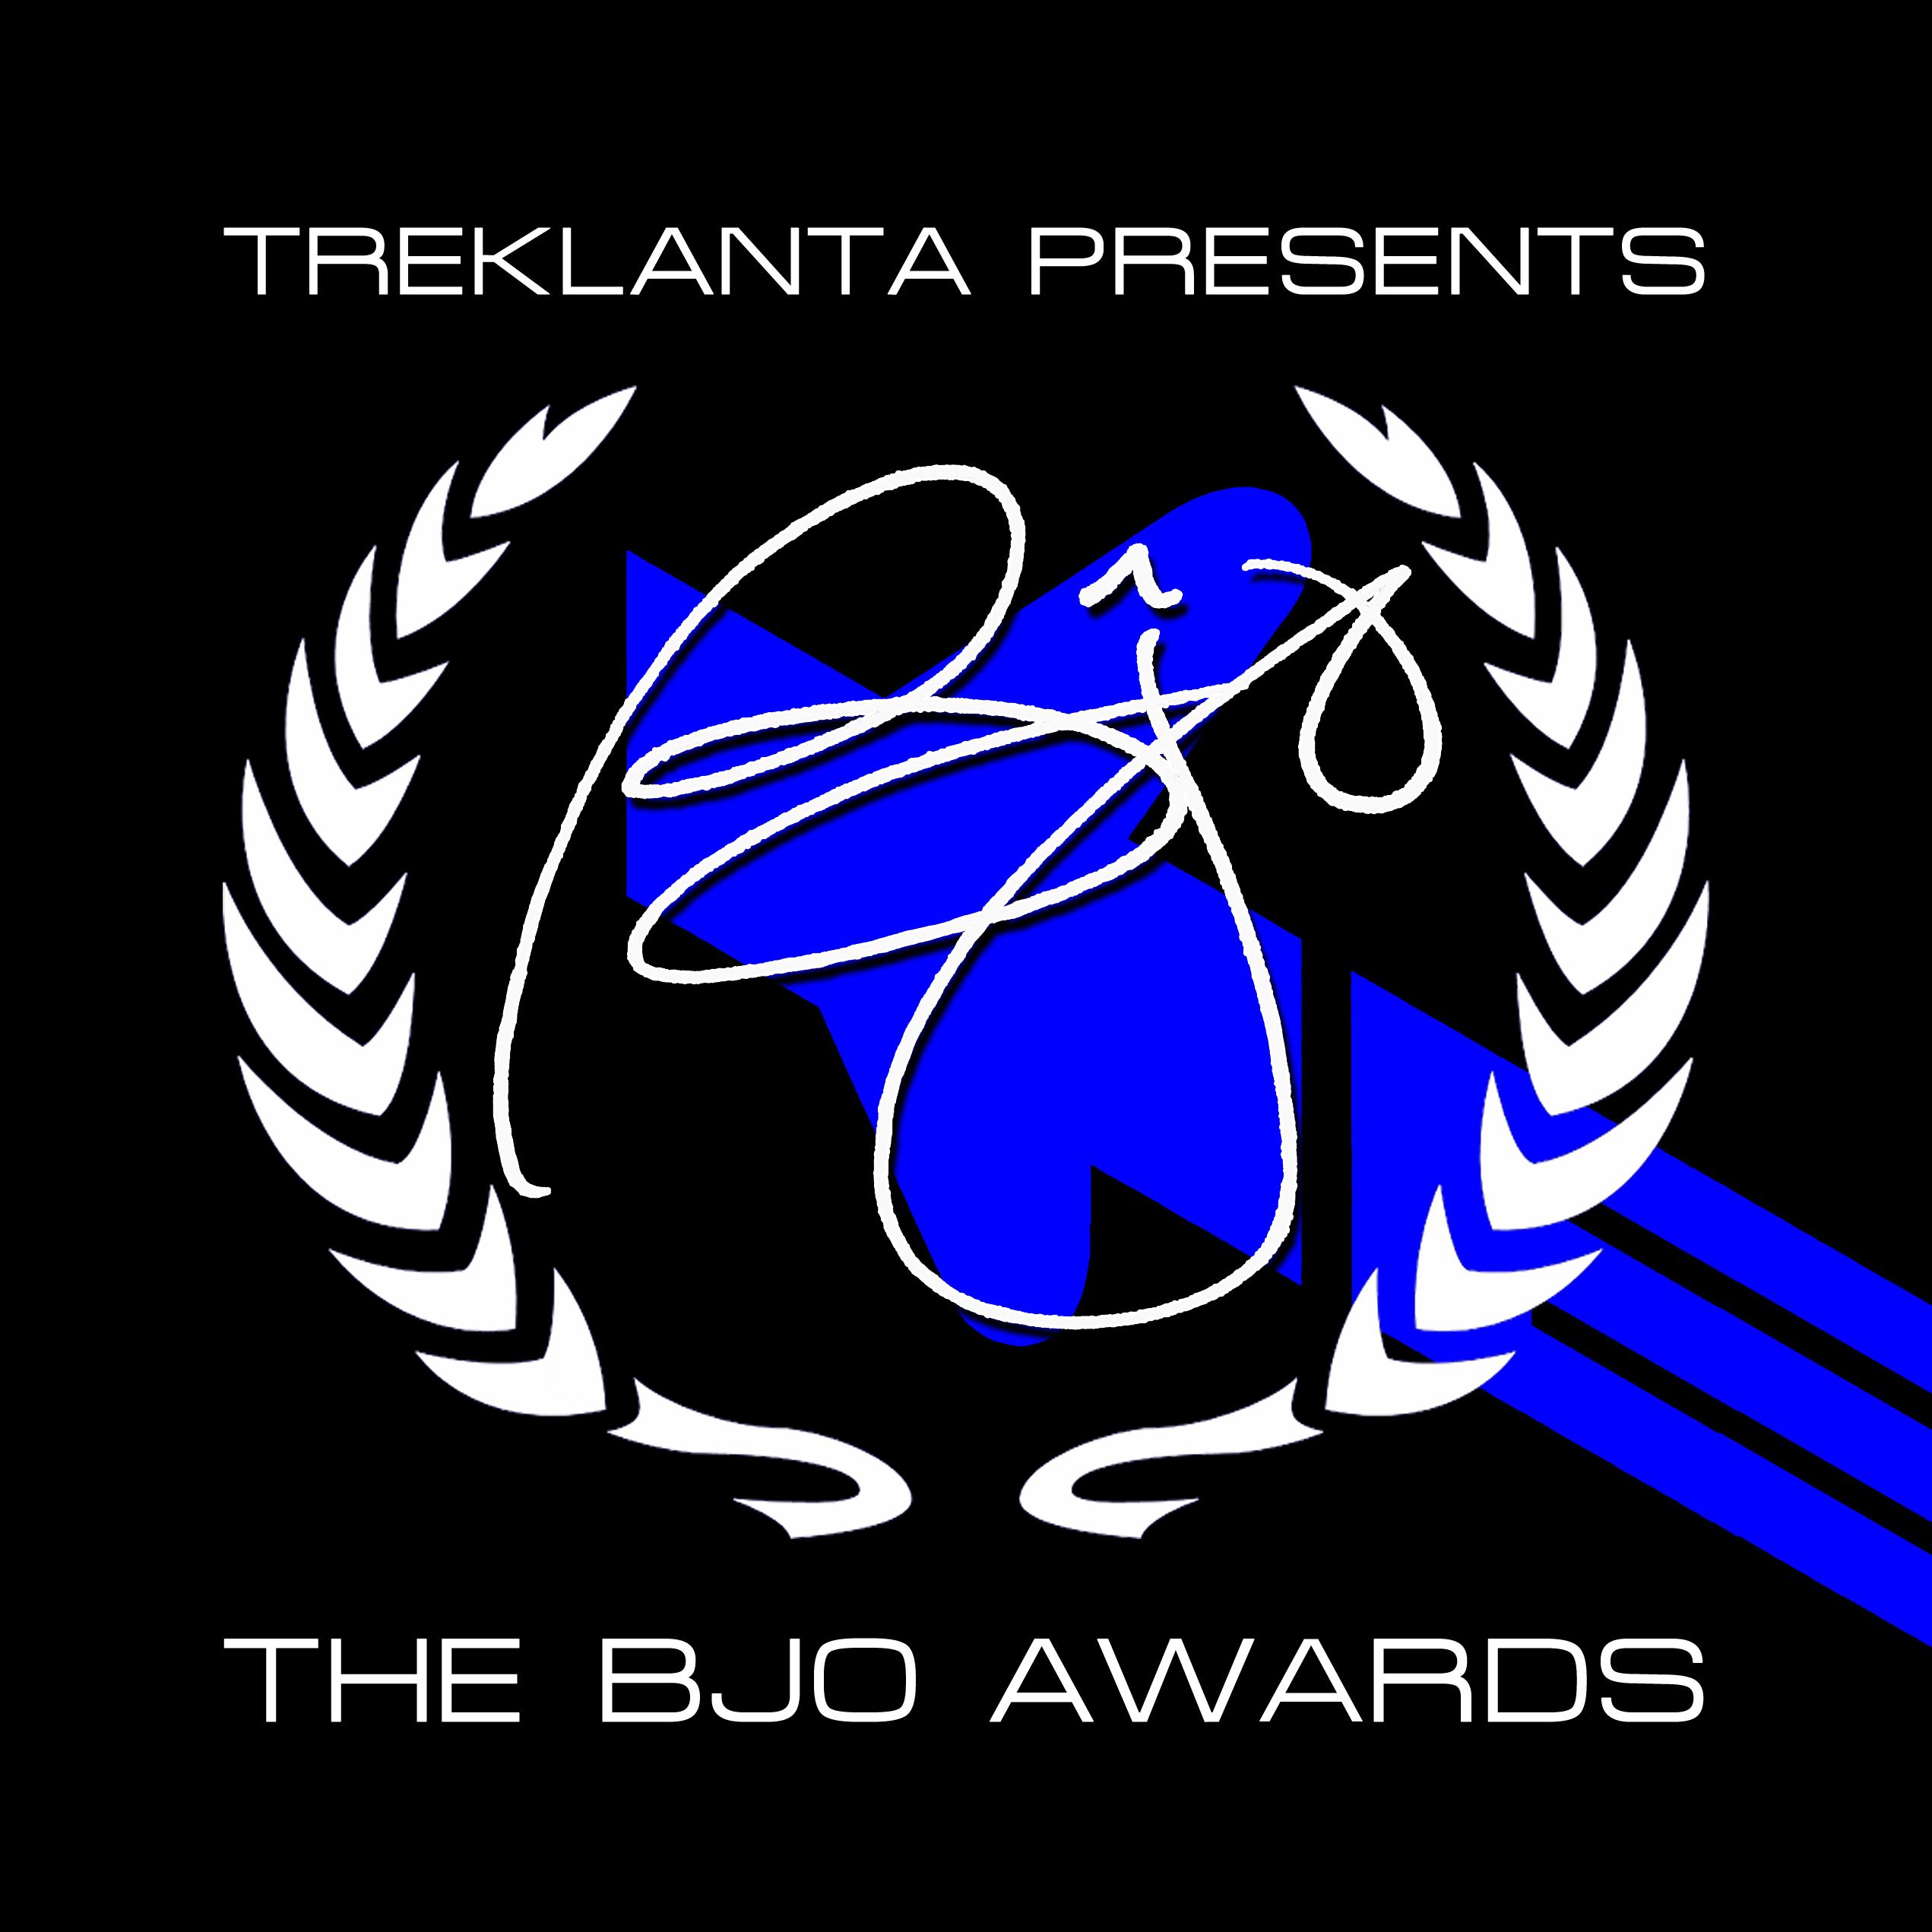 The 2019 Bjo Awards